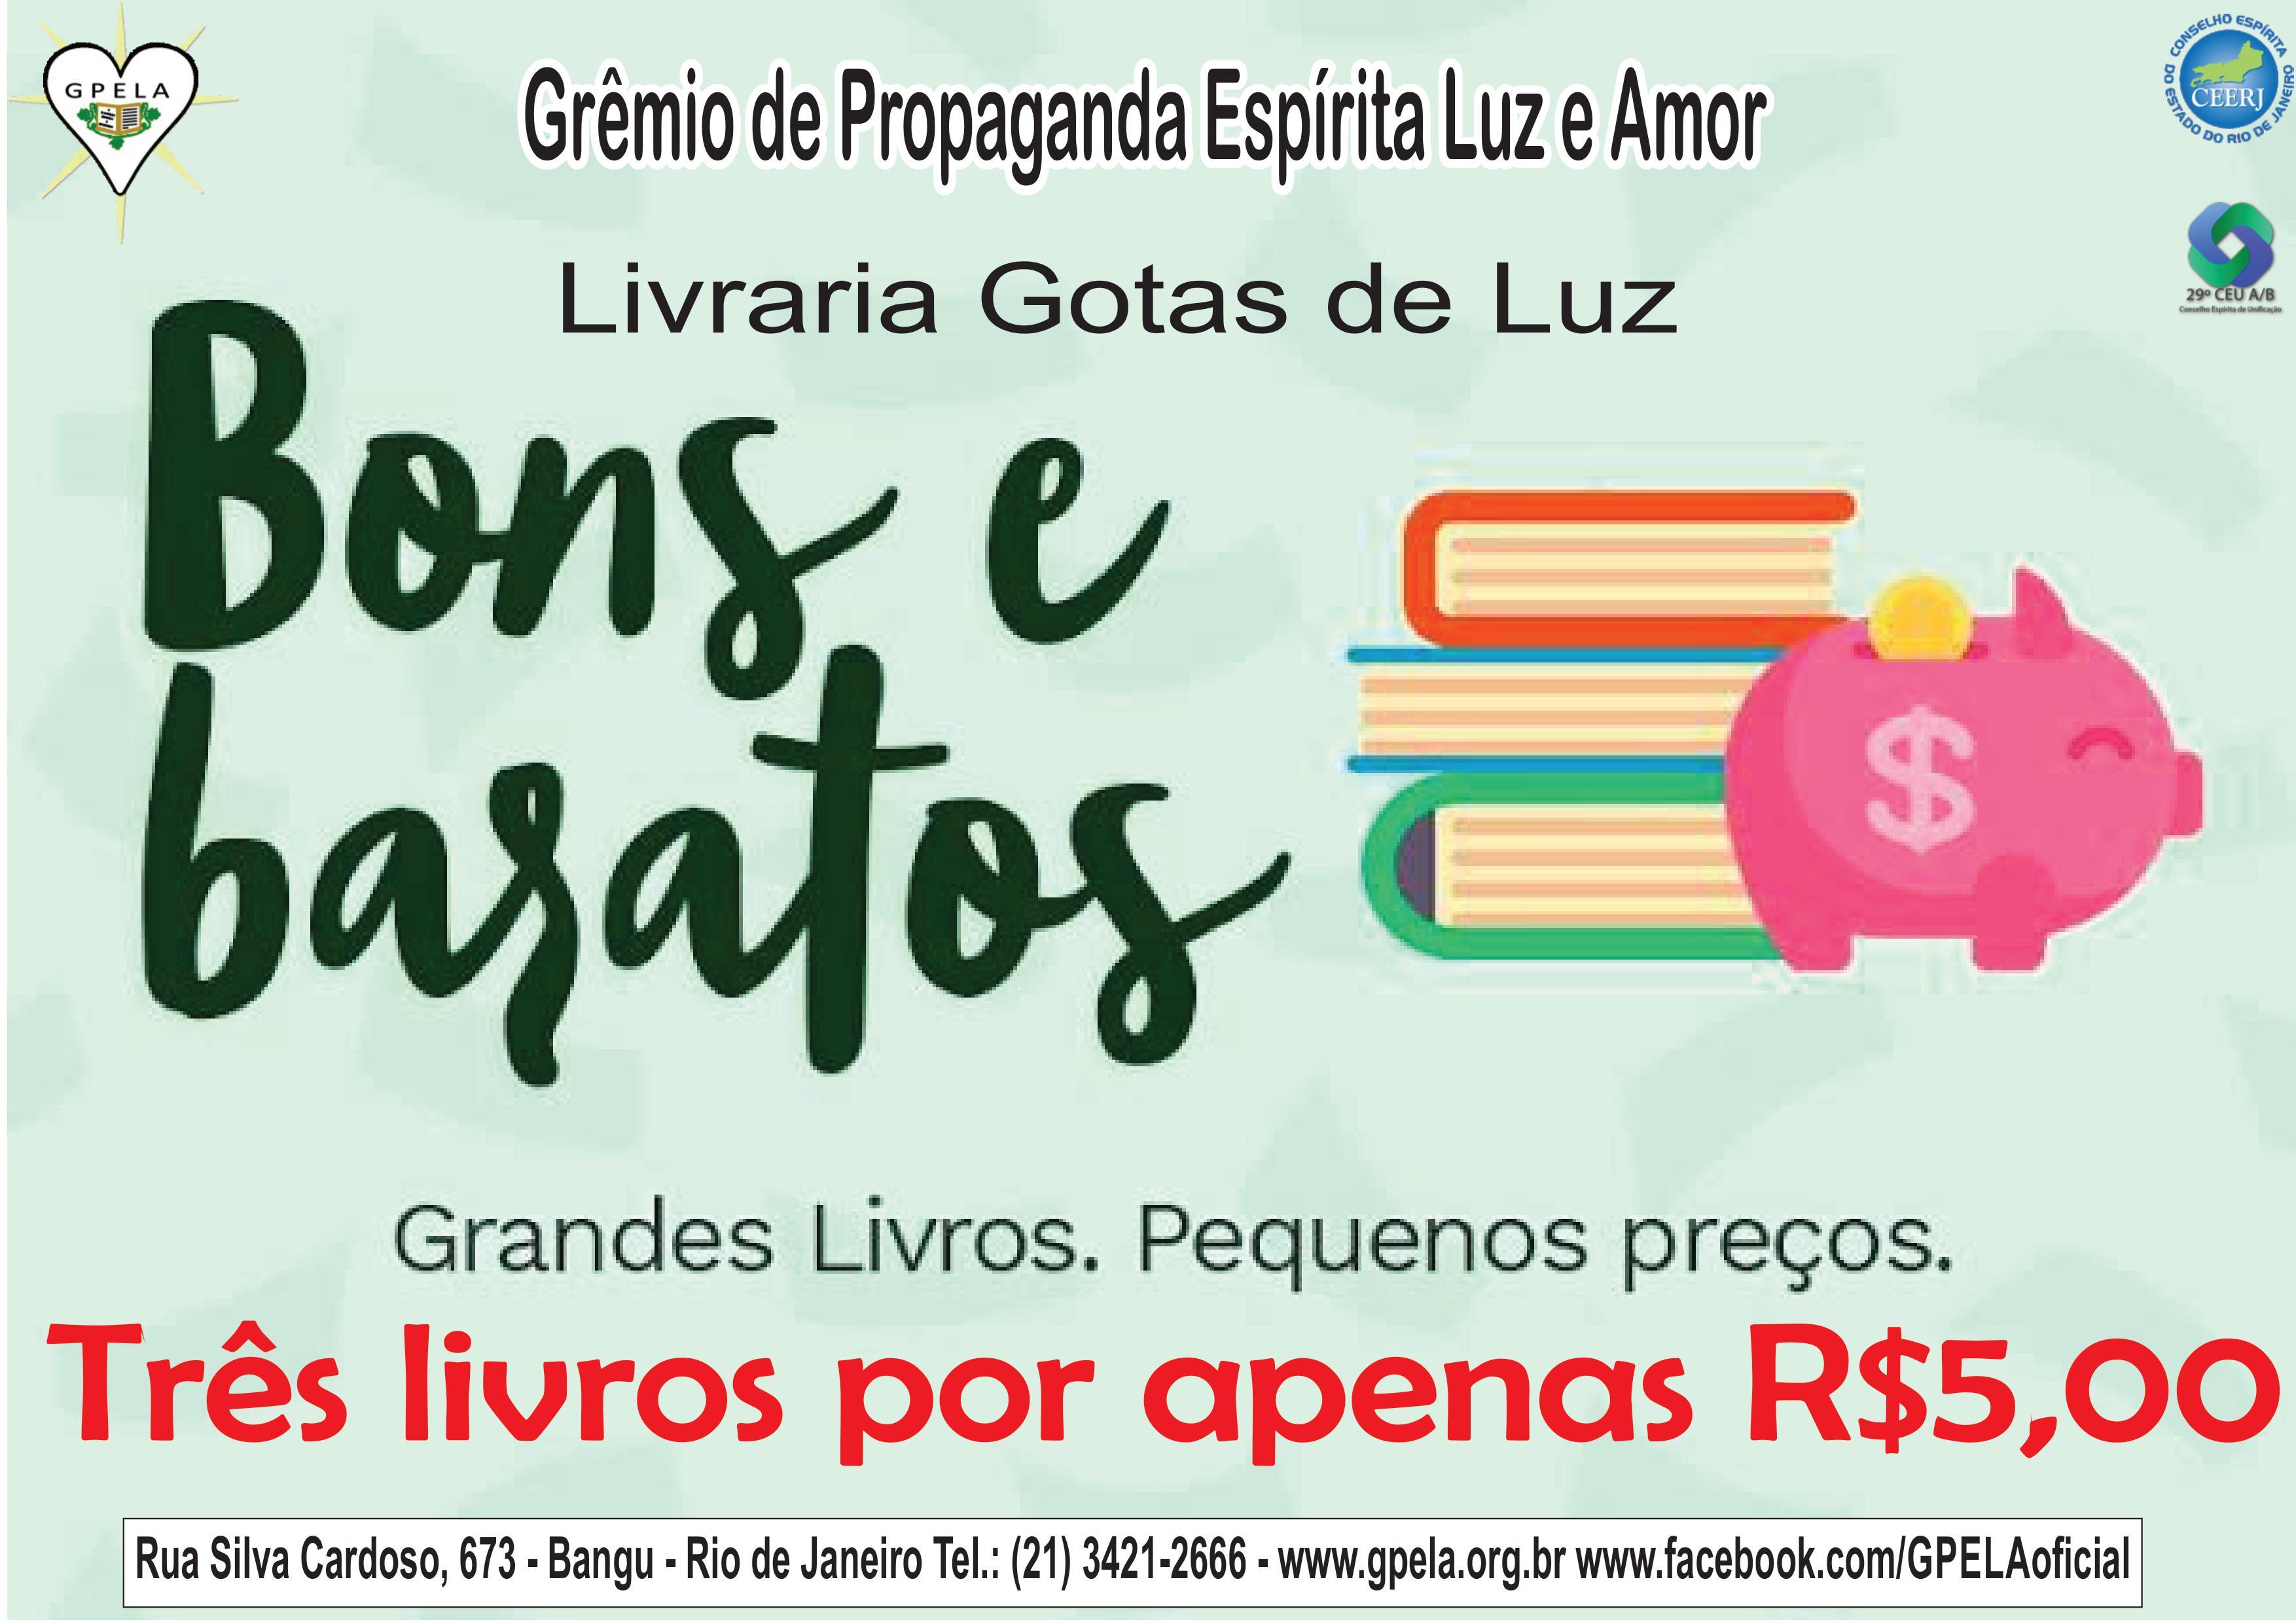 Grandes livros, pequenos preços…